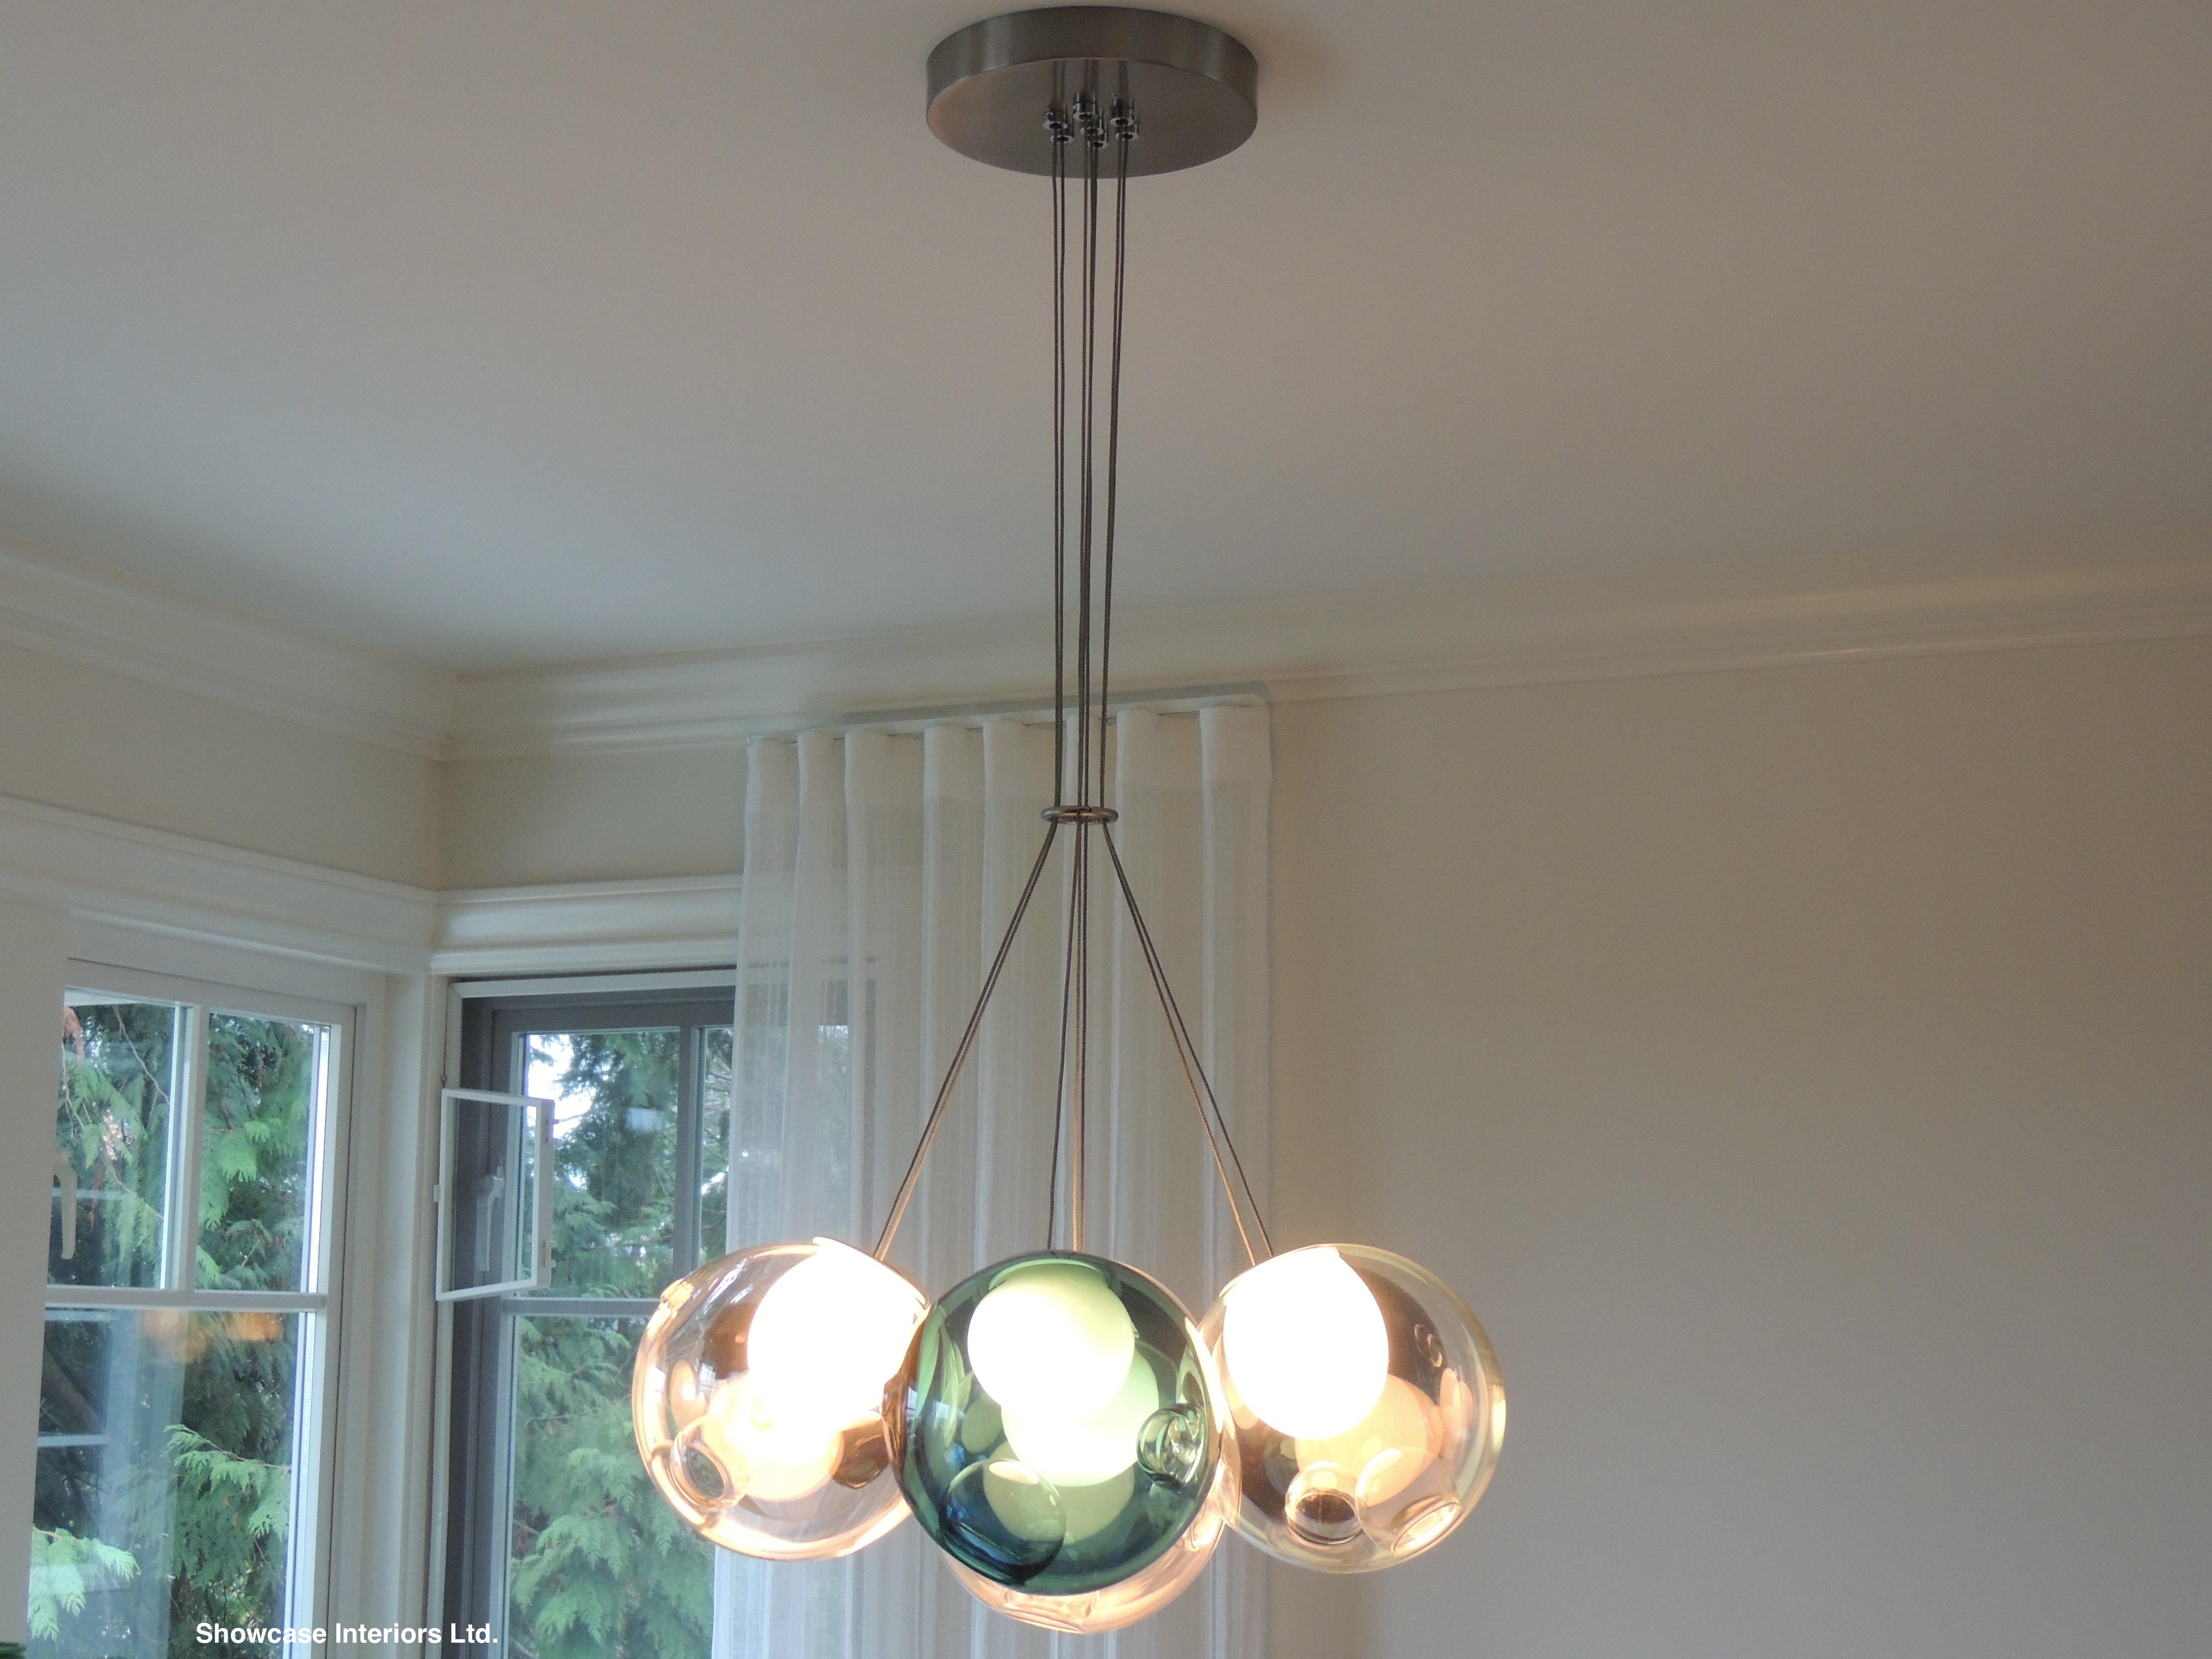 Specialty lighting installations showcase interiors ltd